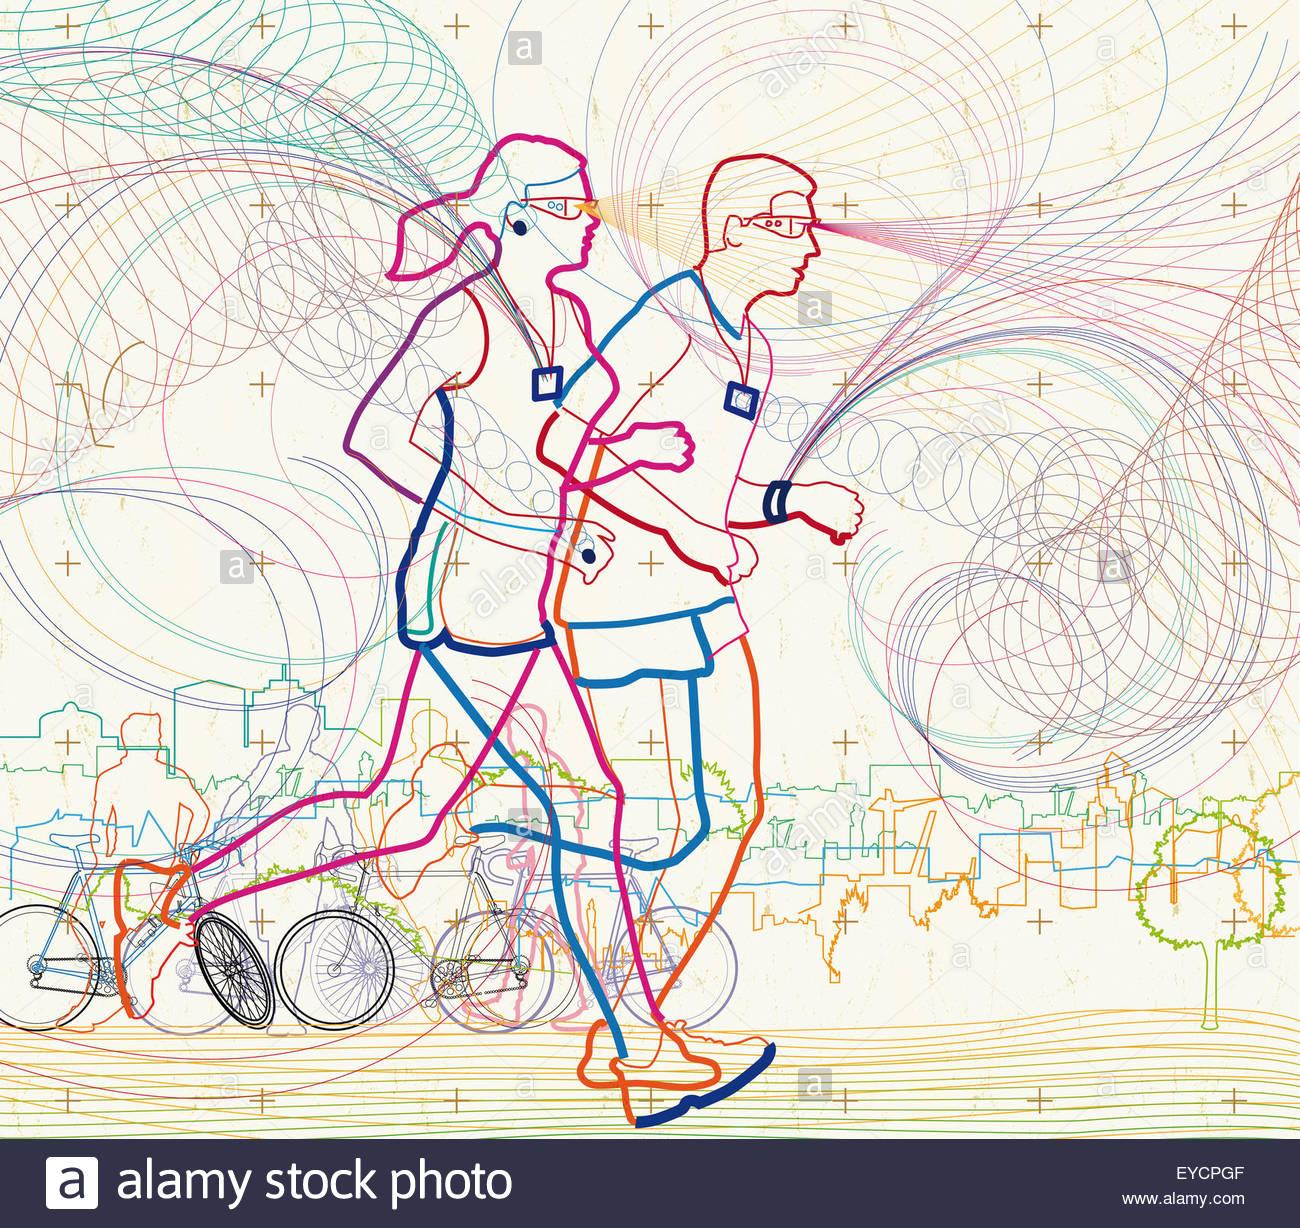 El hombre y la mujer correr juntos en la ciudad a través de la actividad de fitness trackers Imagen De Stock